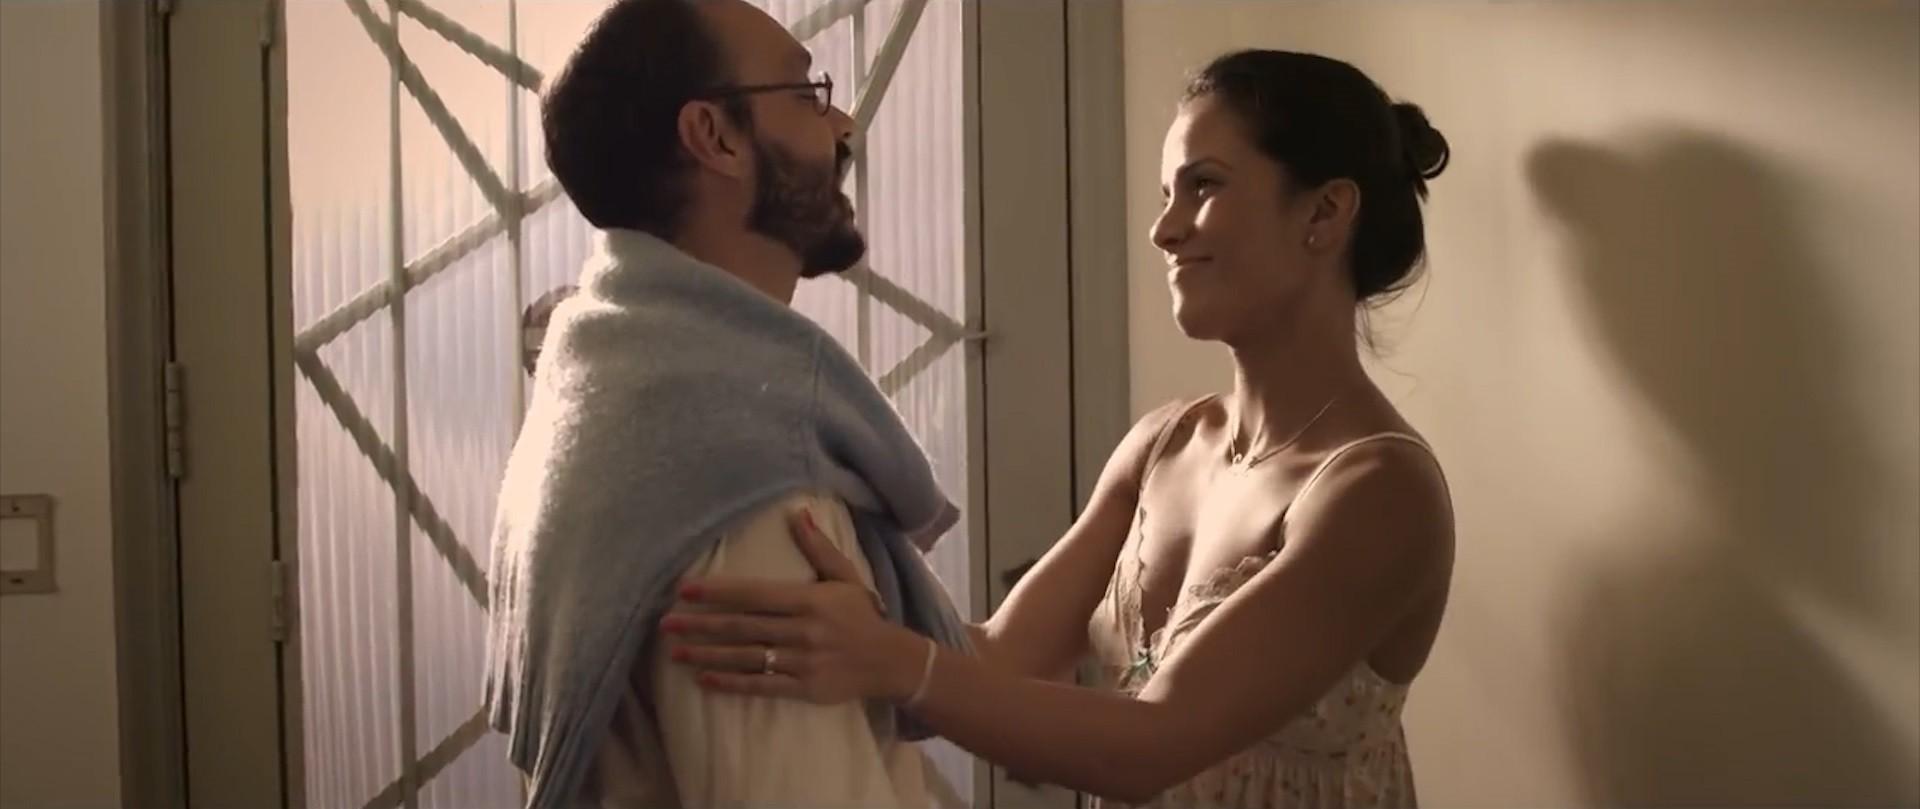 Cena do clipe: Ju Moraes se despede do marido (Foto: Divulgação)